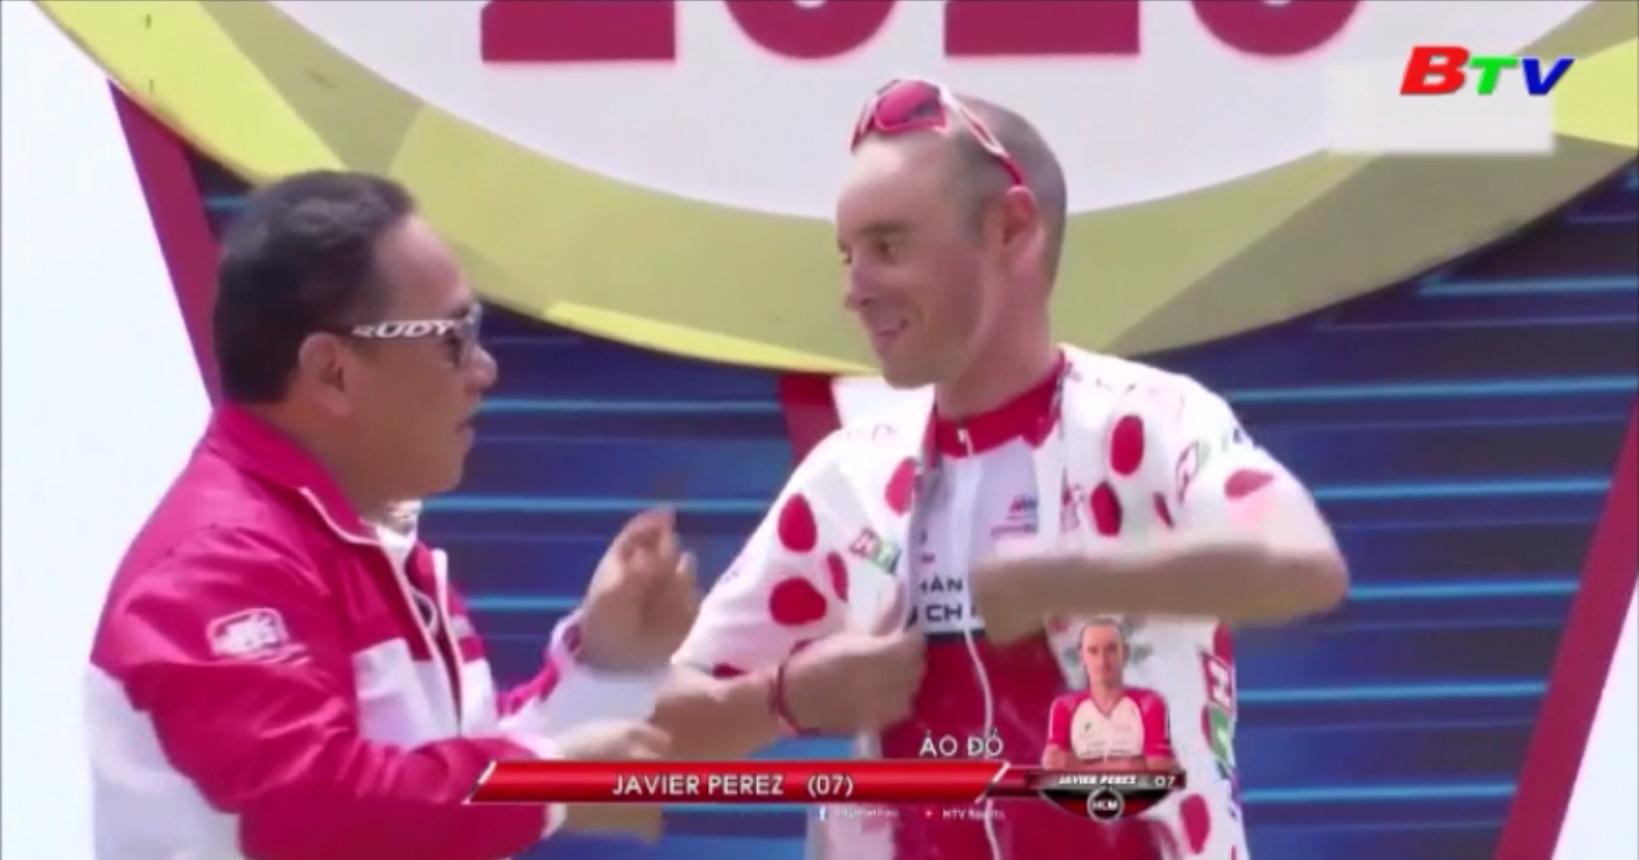 Chặng 5 Cúp Truyền hình TP.HCM lần thứ 32 - Tay đua Javier chiếm áo chấm đỏ